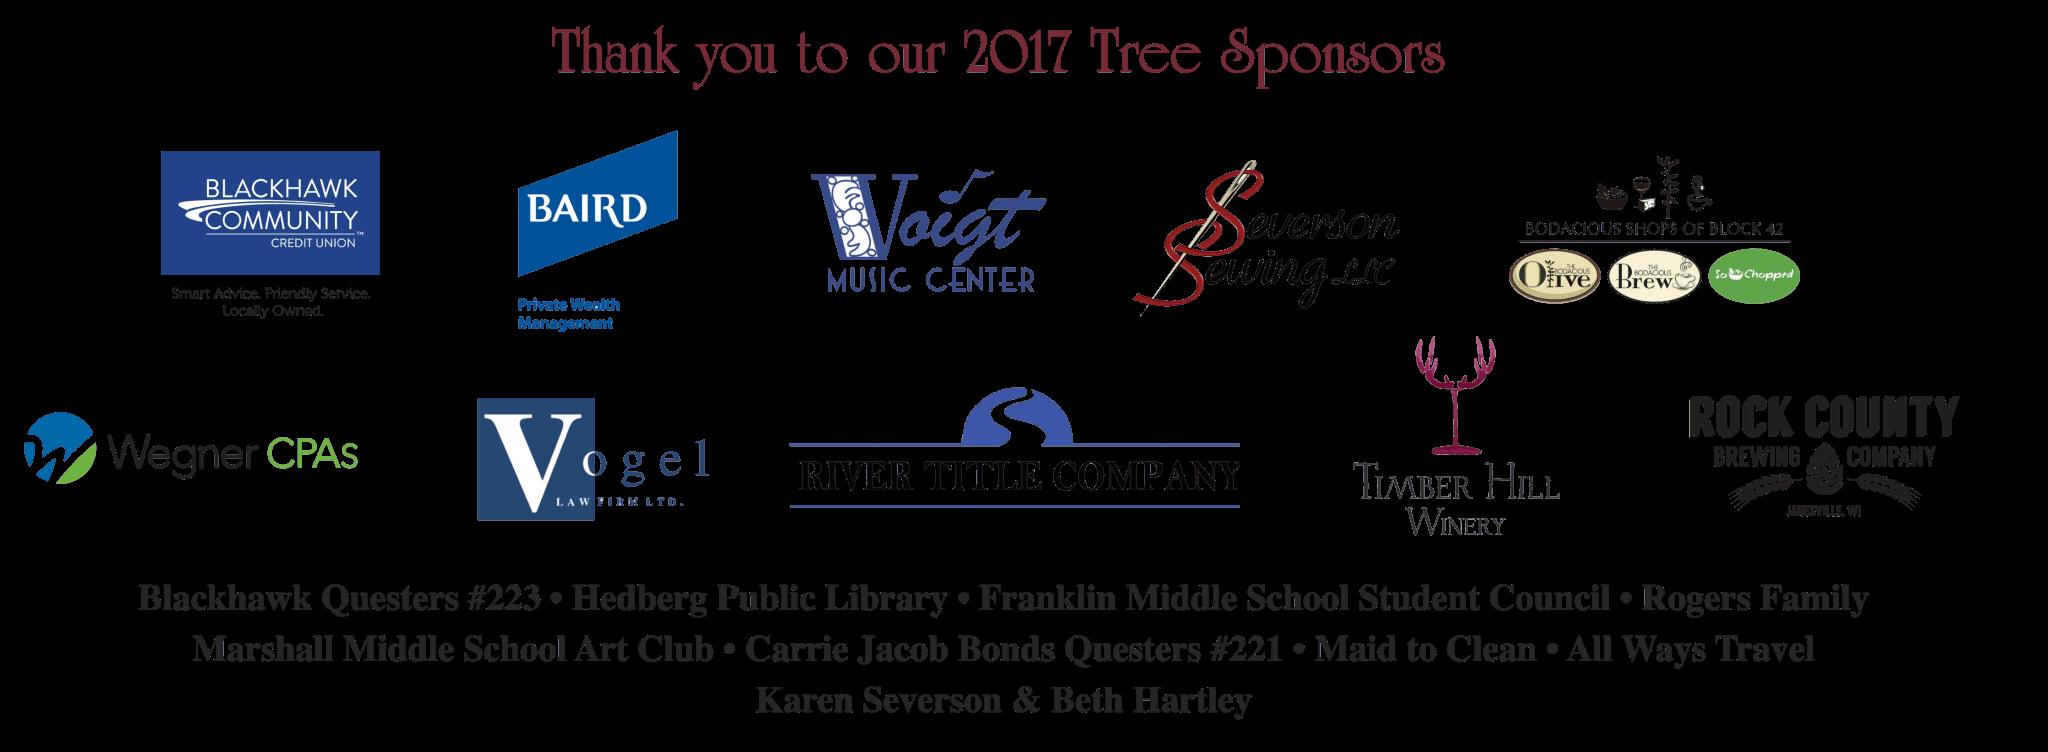 2017 RCHS Christmas Tree Sponsors